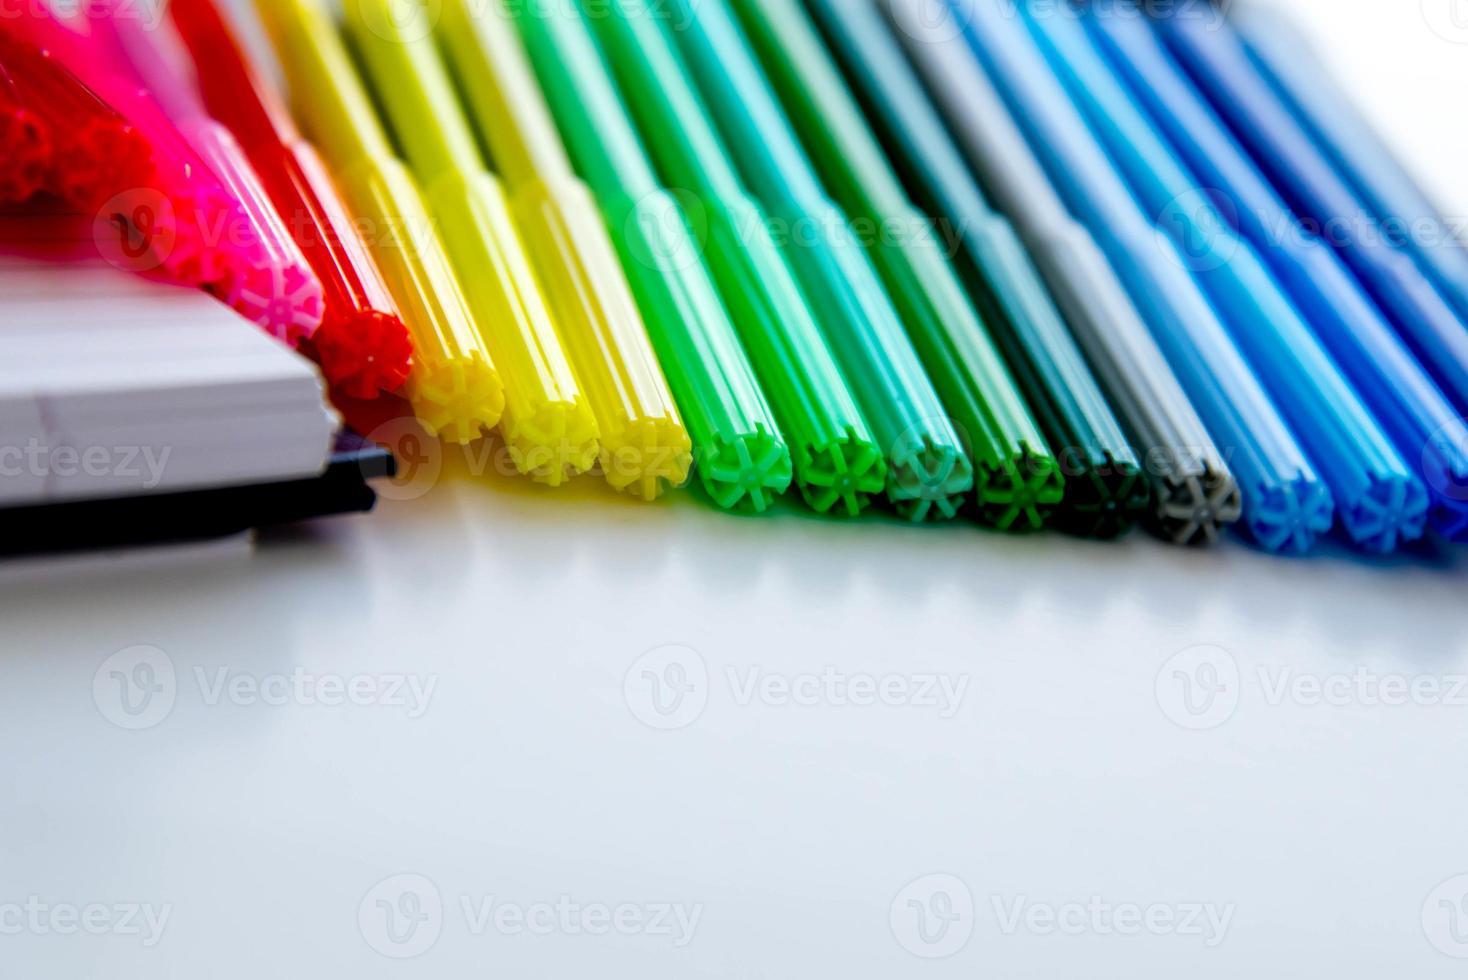 ritorno a materiale scolastico, pennarelli colorati, gomme da cancellare foto